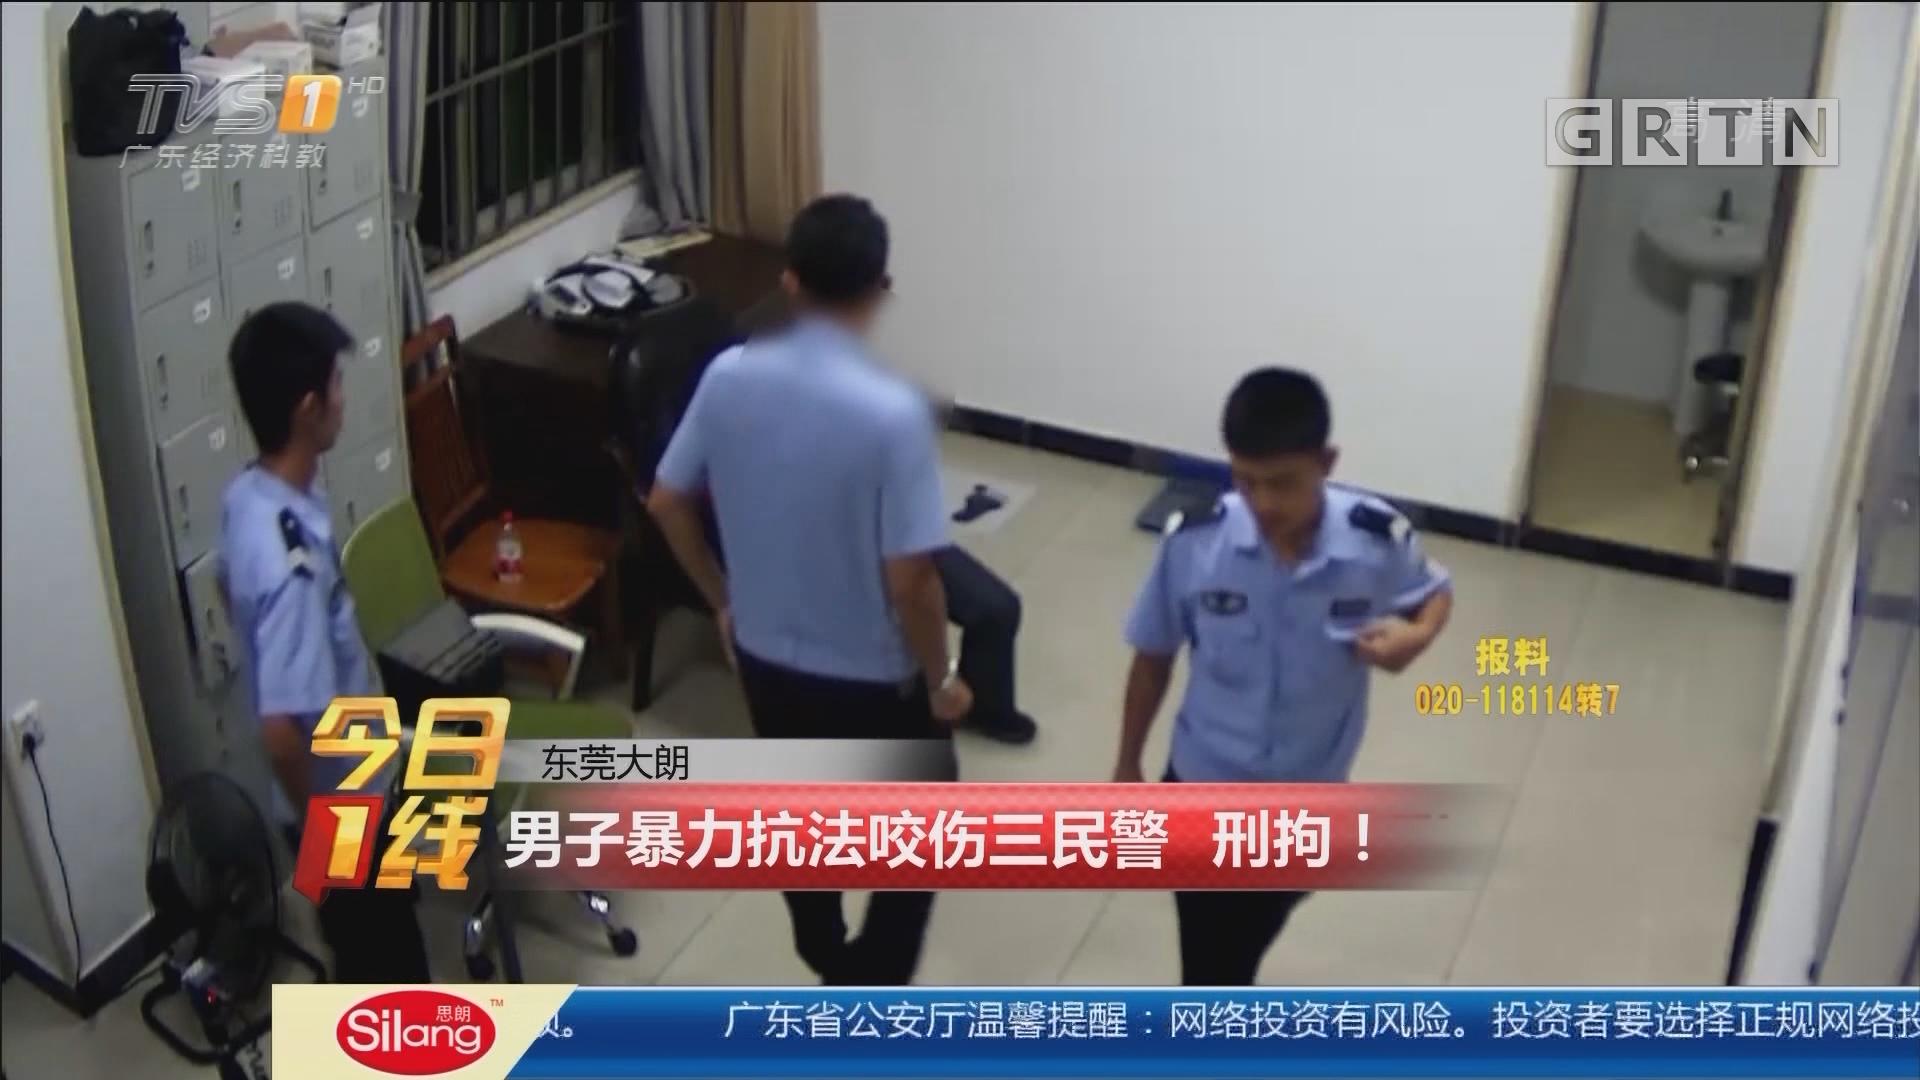 东莞大朗:男子暴力抗法咬伤三民警 刑拘!